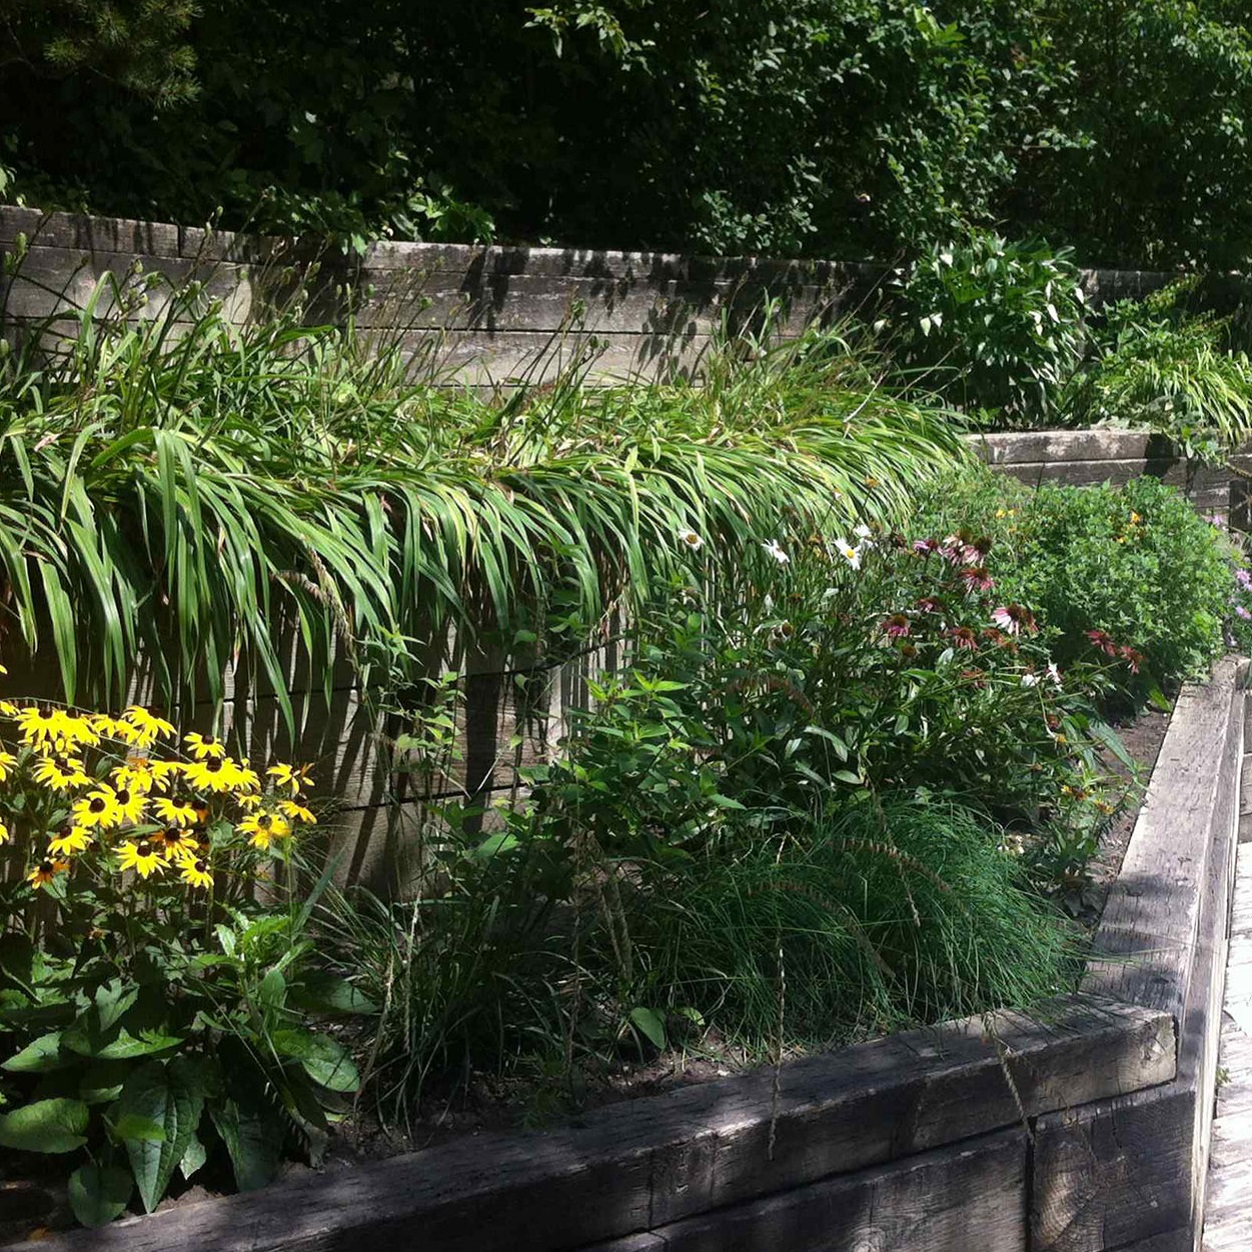 Heritage gardens at Black Creek Pioneer Village